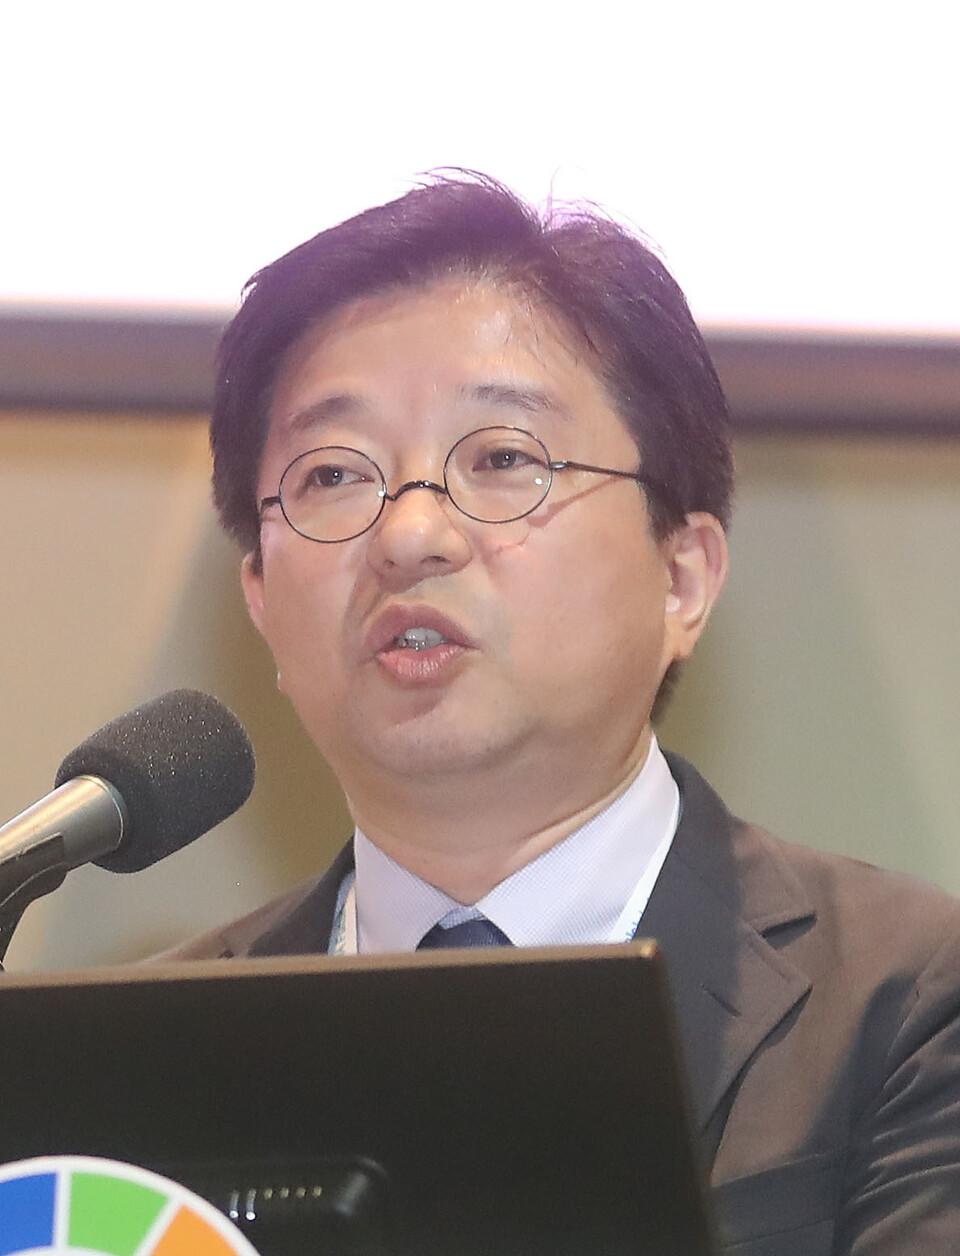 김명중 닛세이기초연구소 준주임연구원. 신소영 기자 viator@hani.co.kr